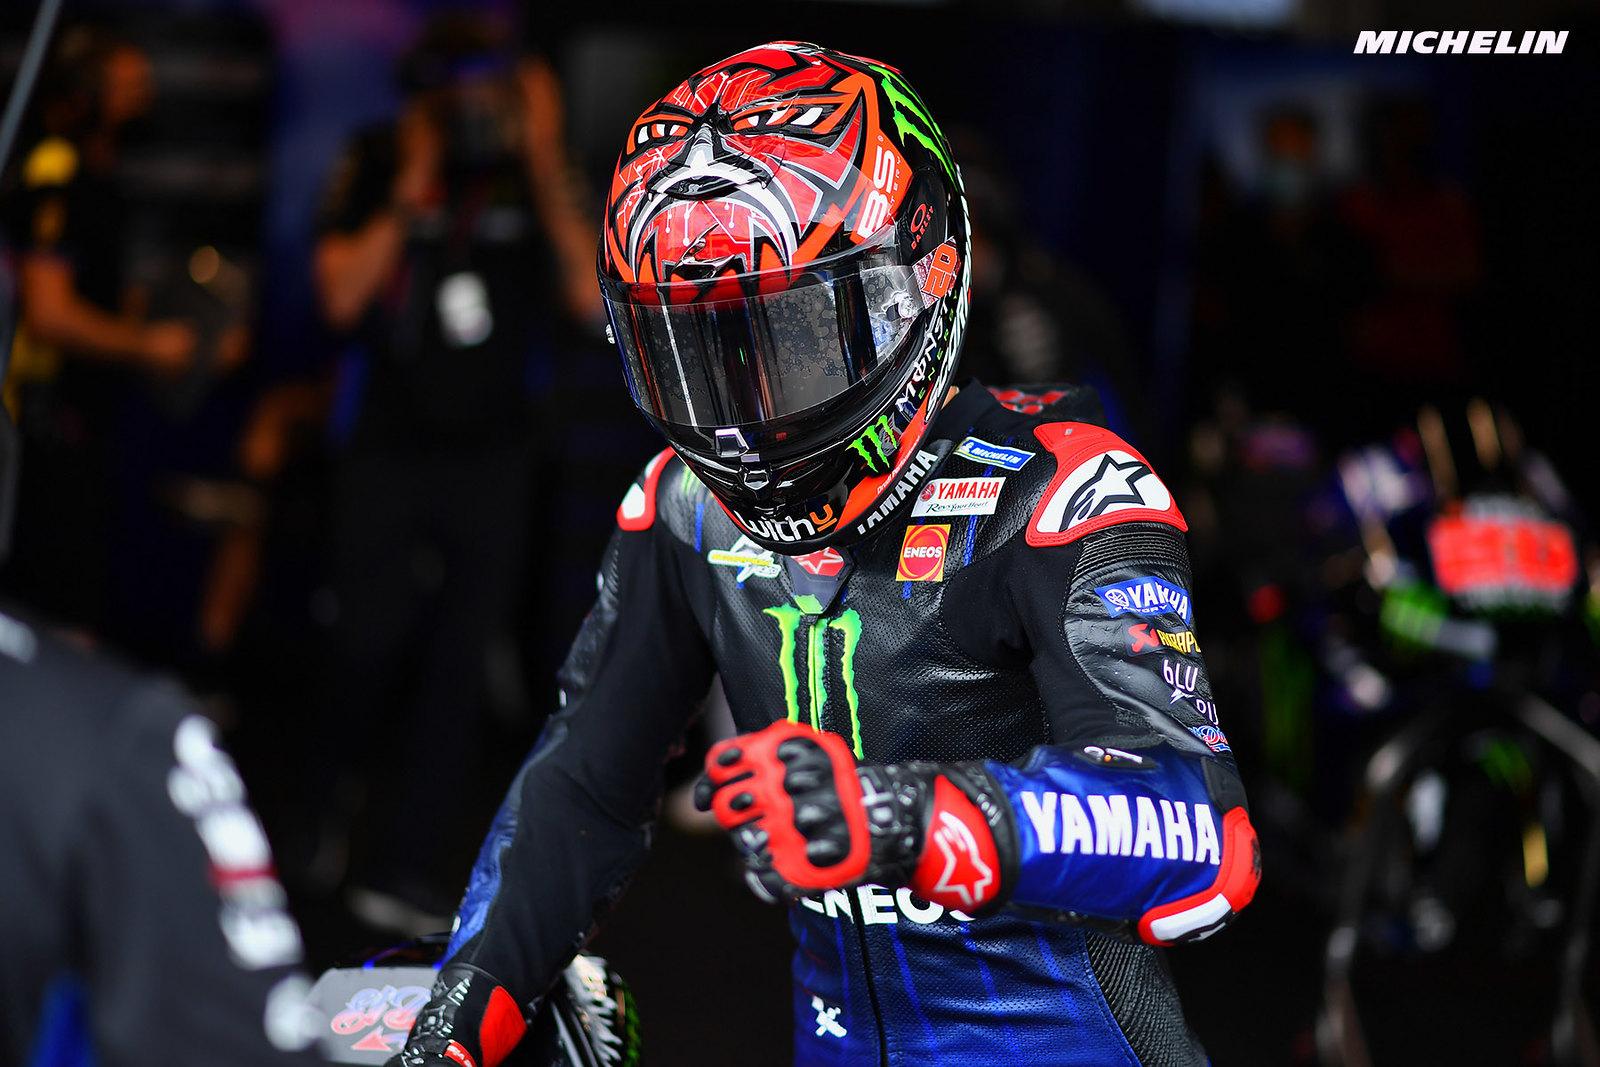 MotoGP2021 オランダGP 予選2位ファビオ・クアルタラロ「マーべリックとの一騎打ちになるかも」